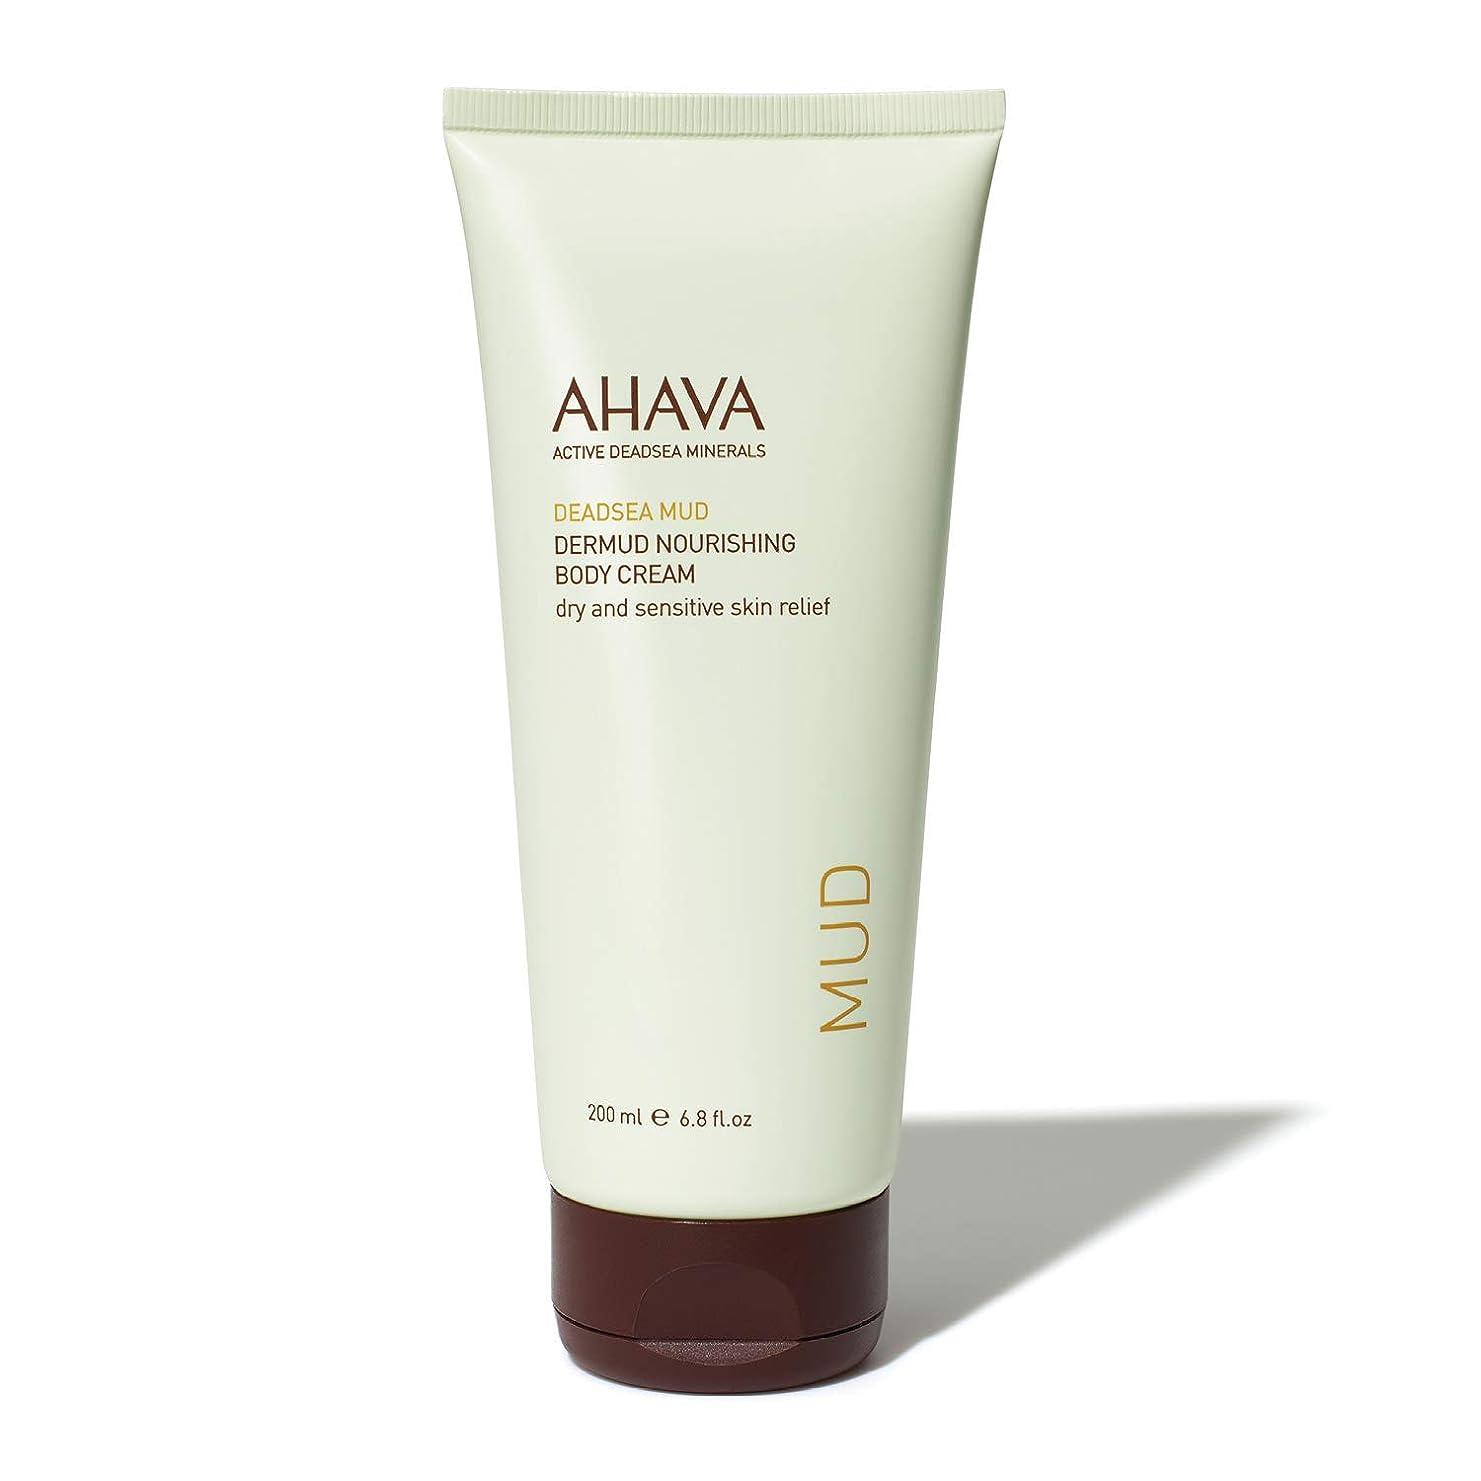 交差点建築家研究所AHAVA Dermud Nourishing Body Cream 200 ml